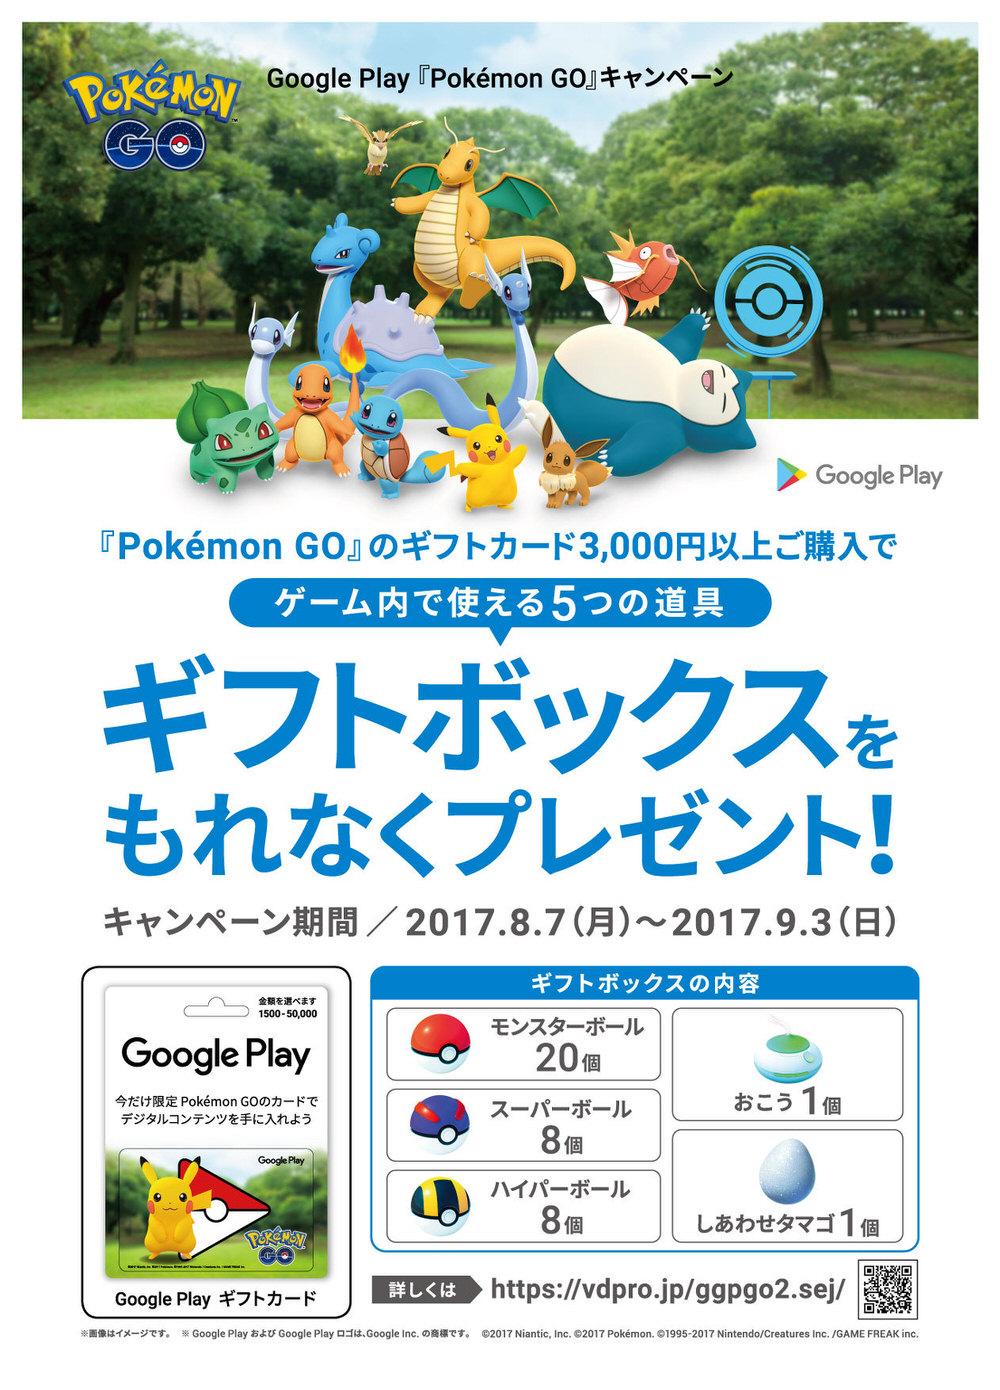 ポケモンgo、google playギフトカードを購入したユーザーに対してギフト